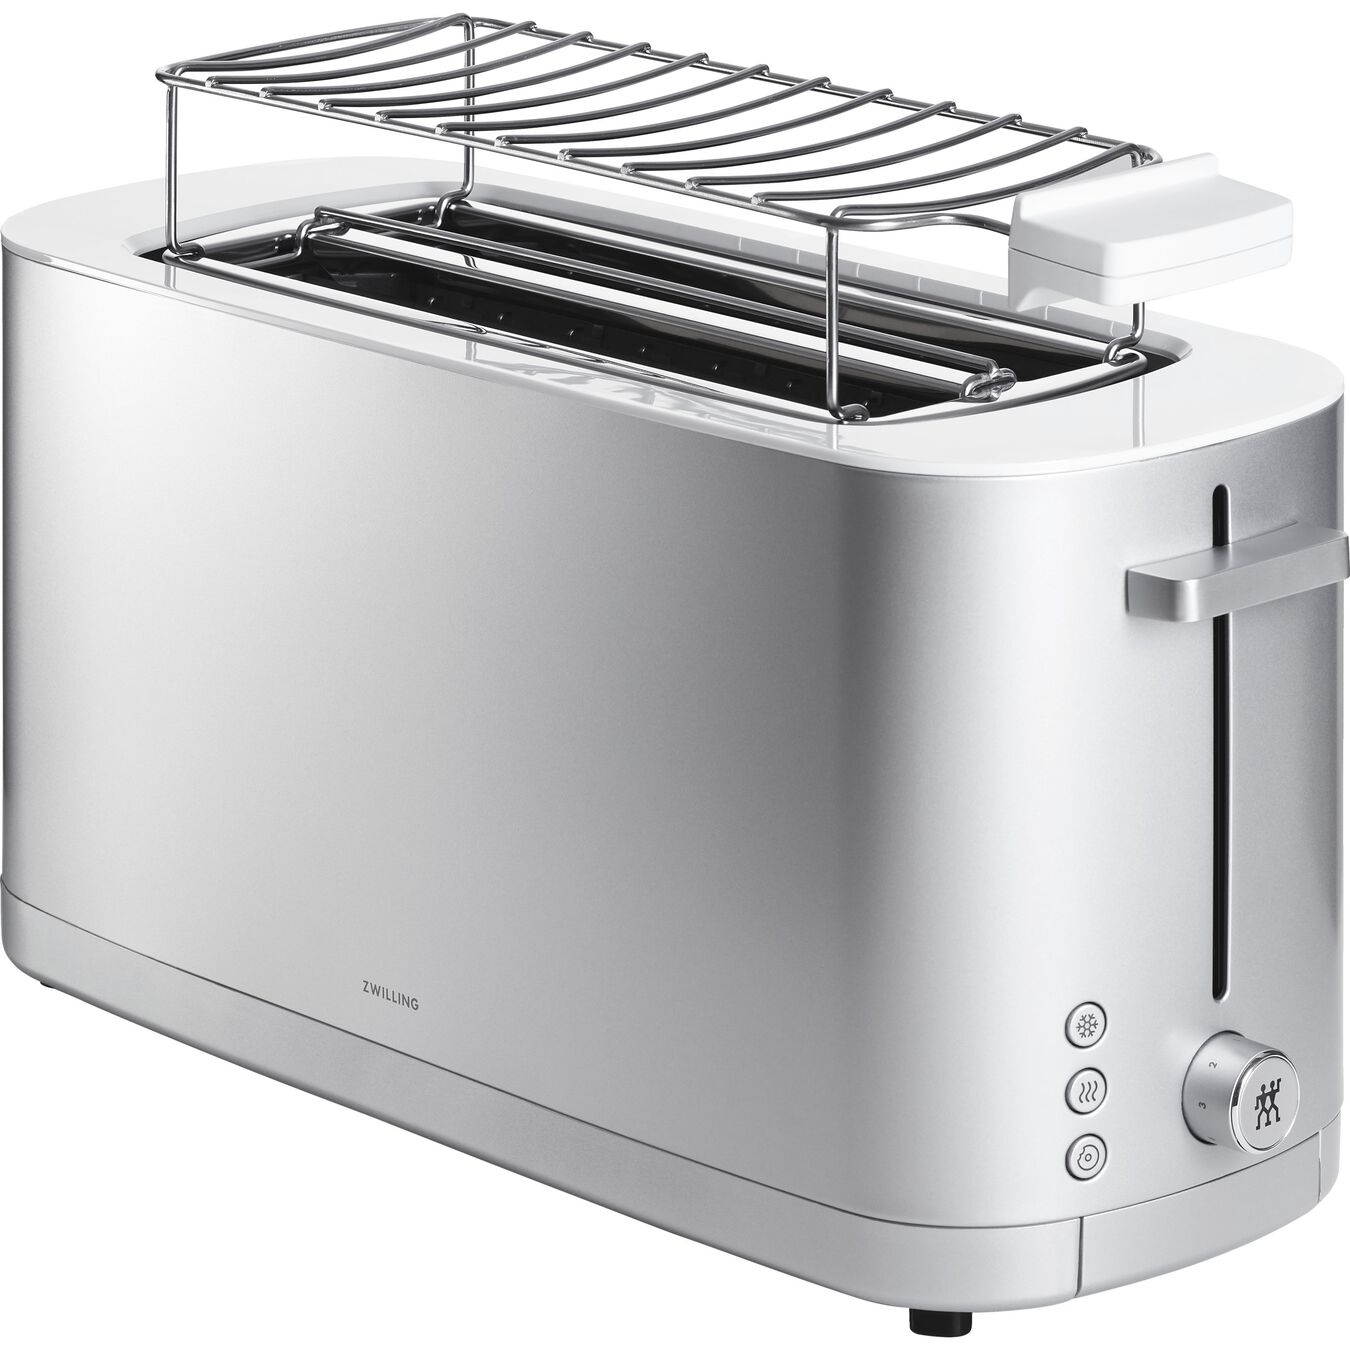 Toaster mit Brötchenaufsatz, 2 Schlitze lang, Silber,,large 8